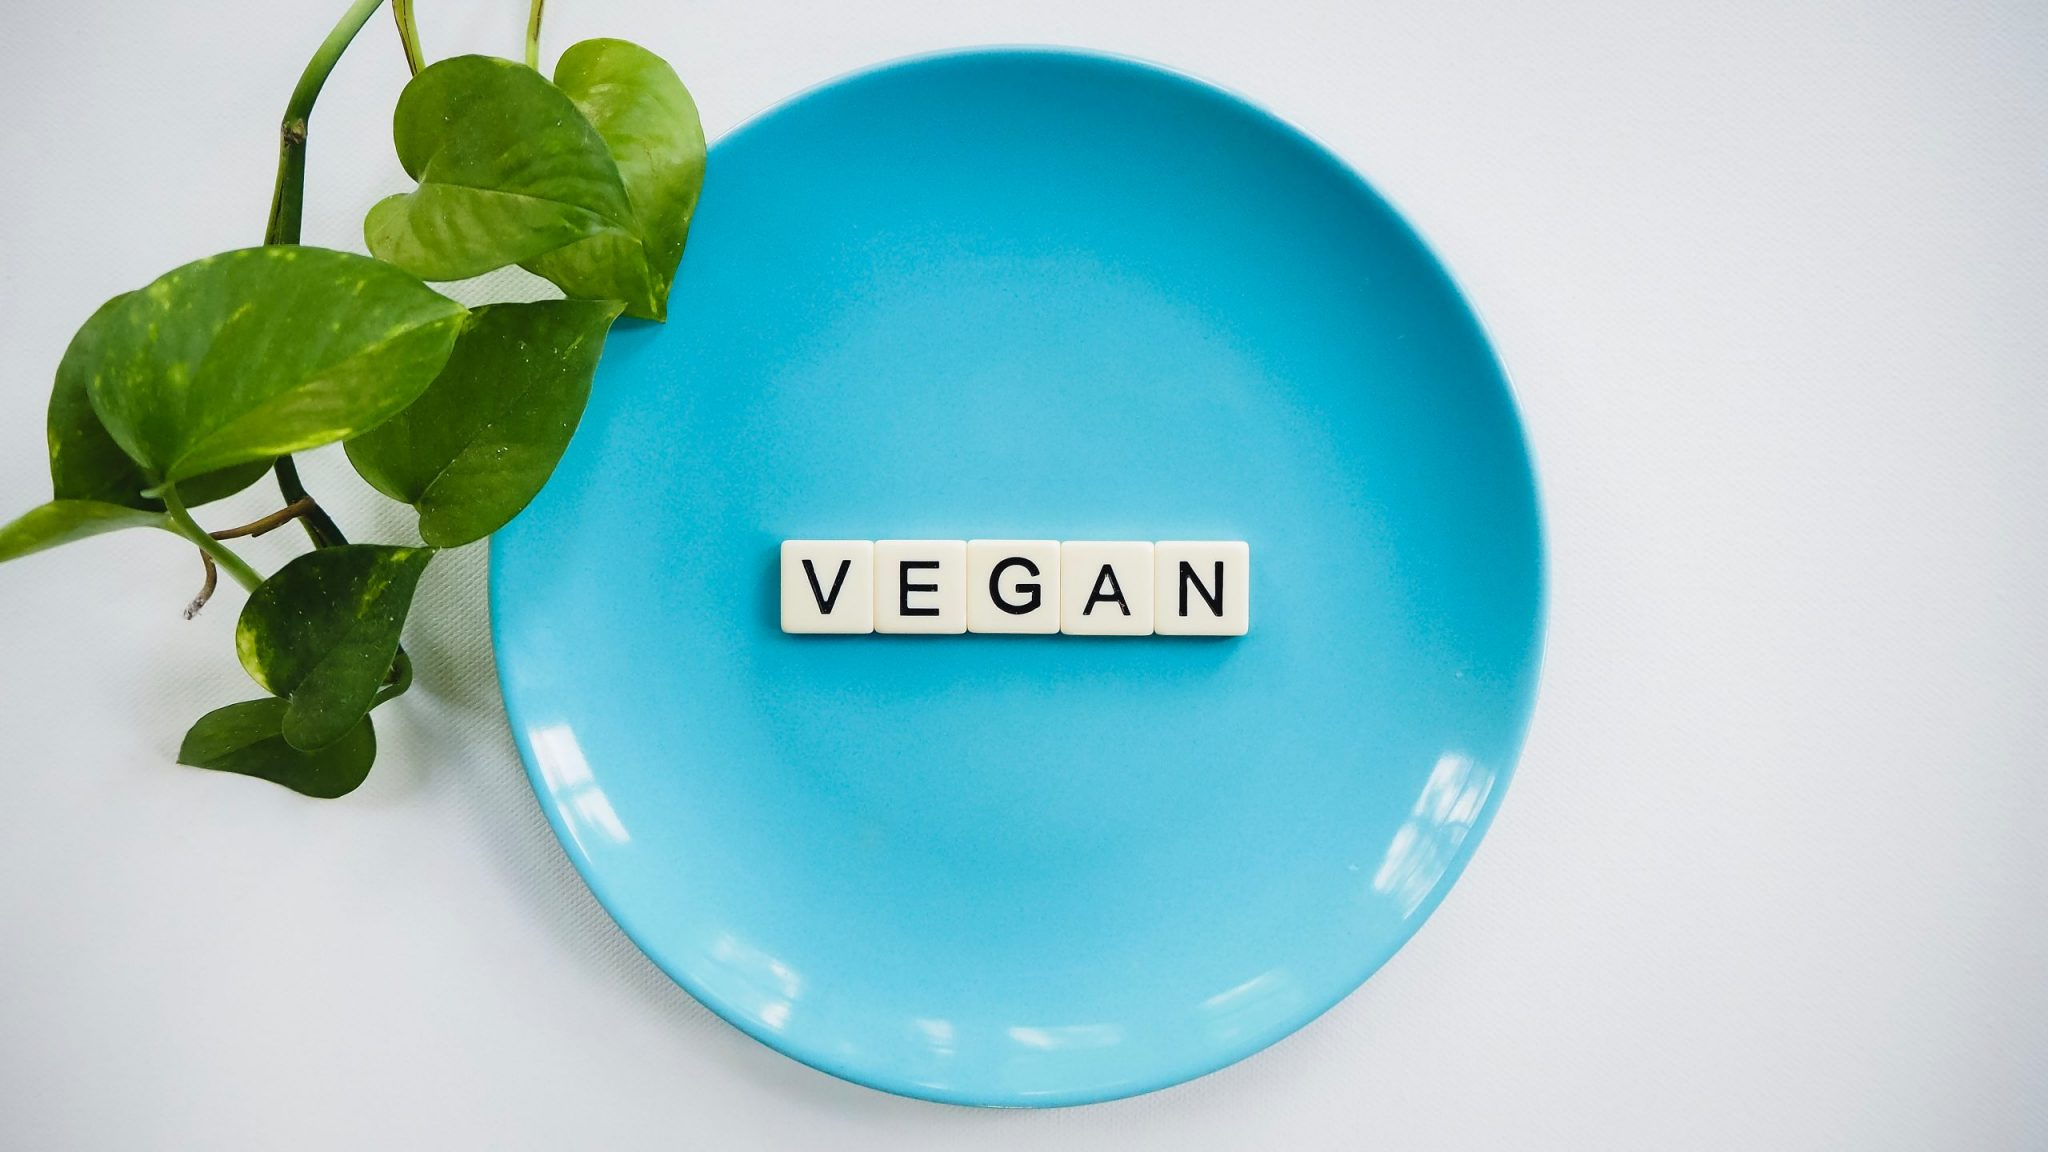 O mercado de produtos e alimentos veganos apresenta forte tendência de crescimento.